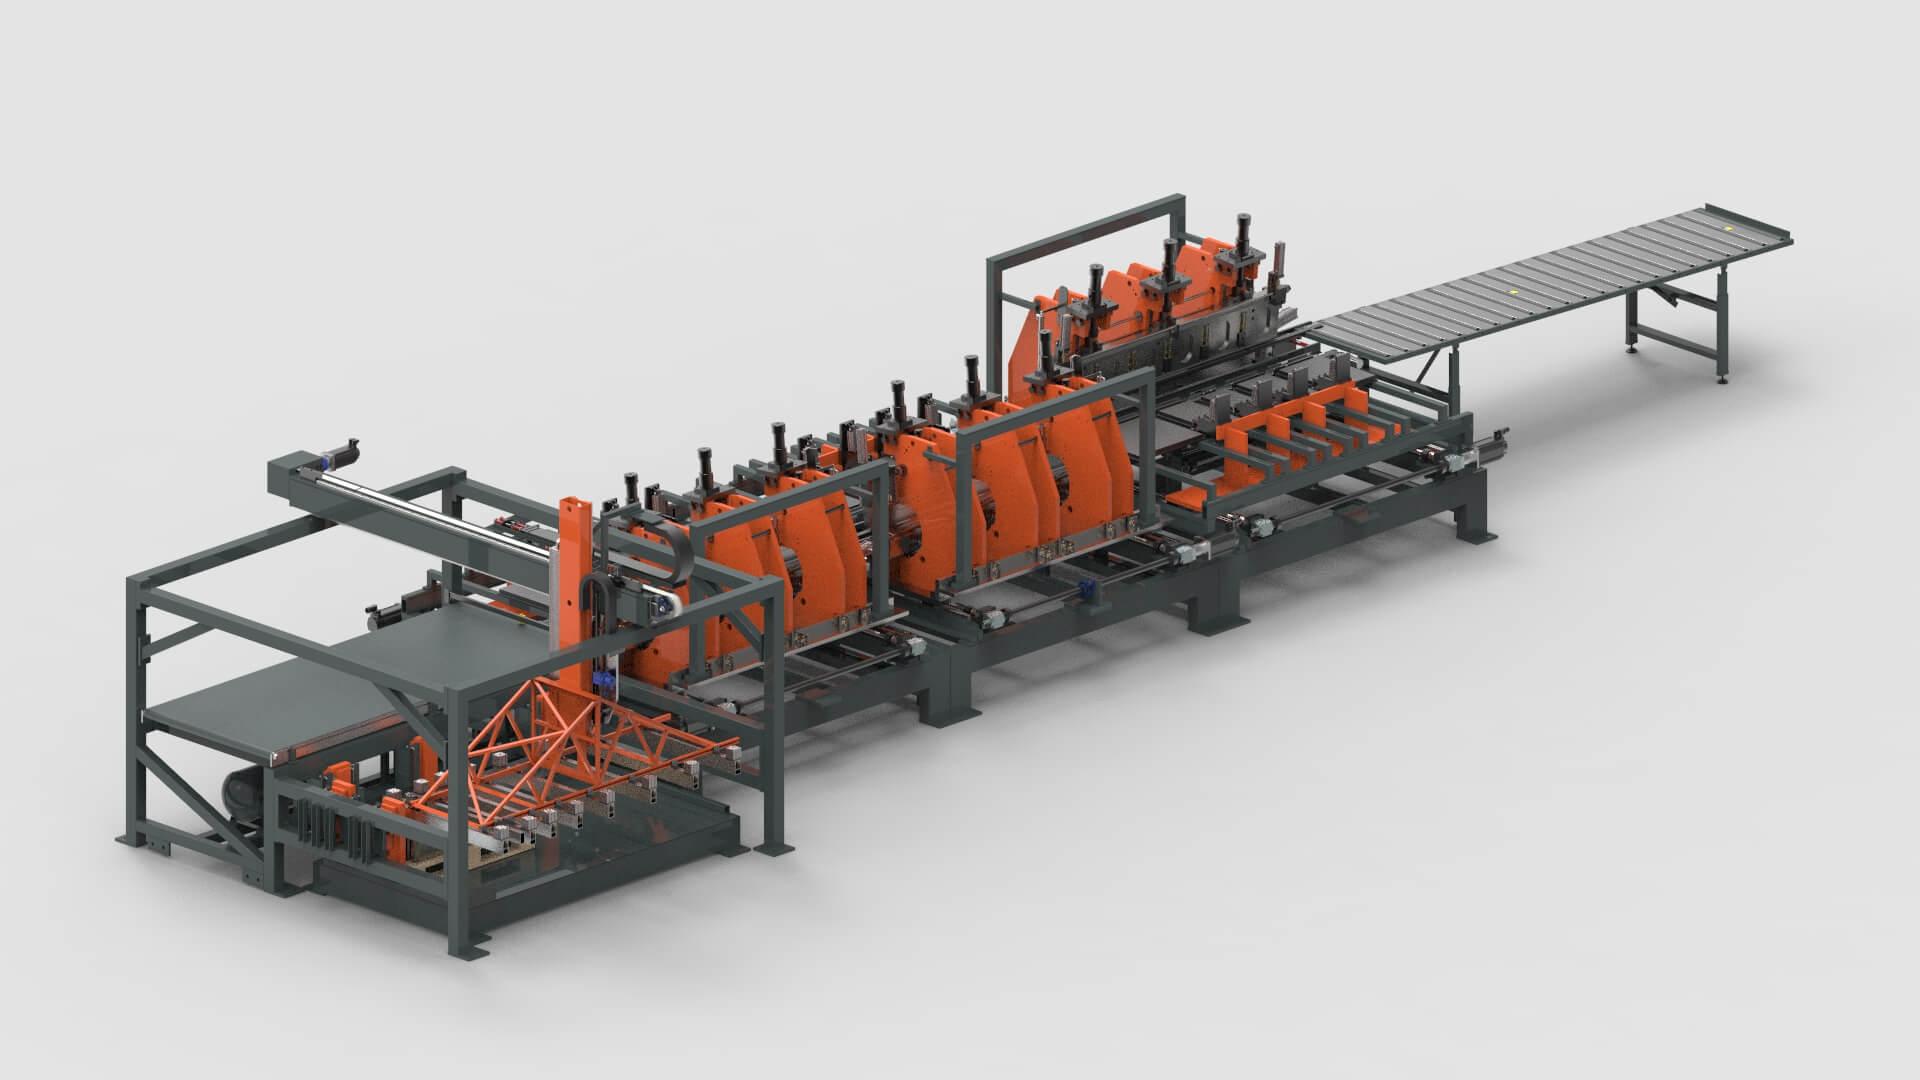 steel-door-frames-sheet-metal-bending-production-line.jpg